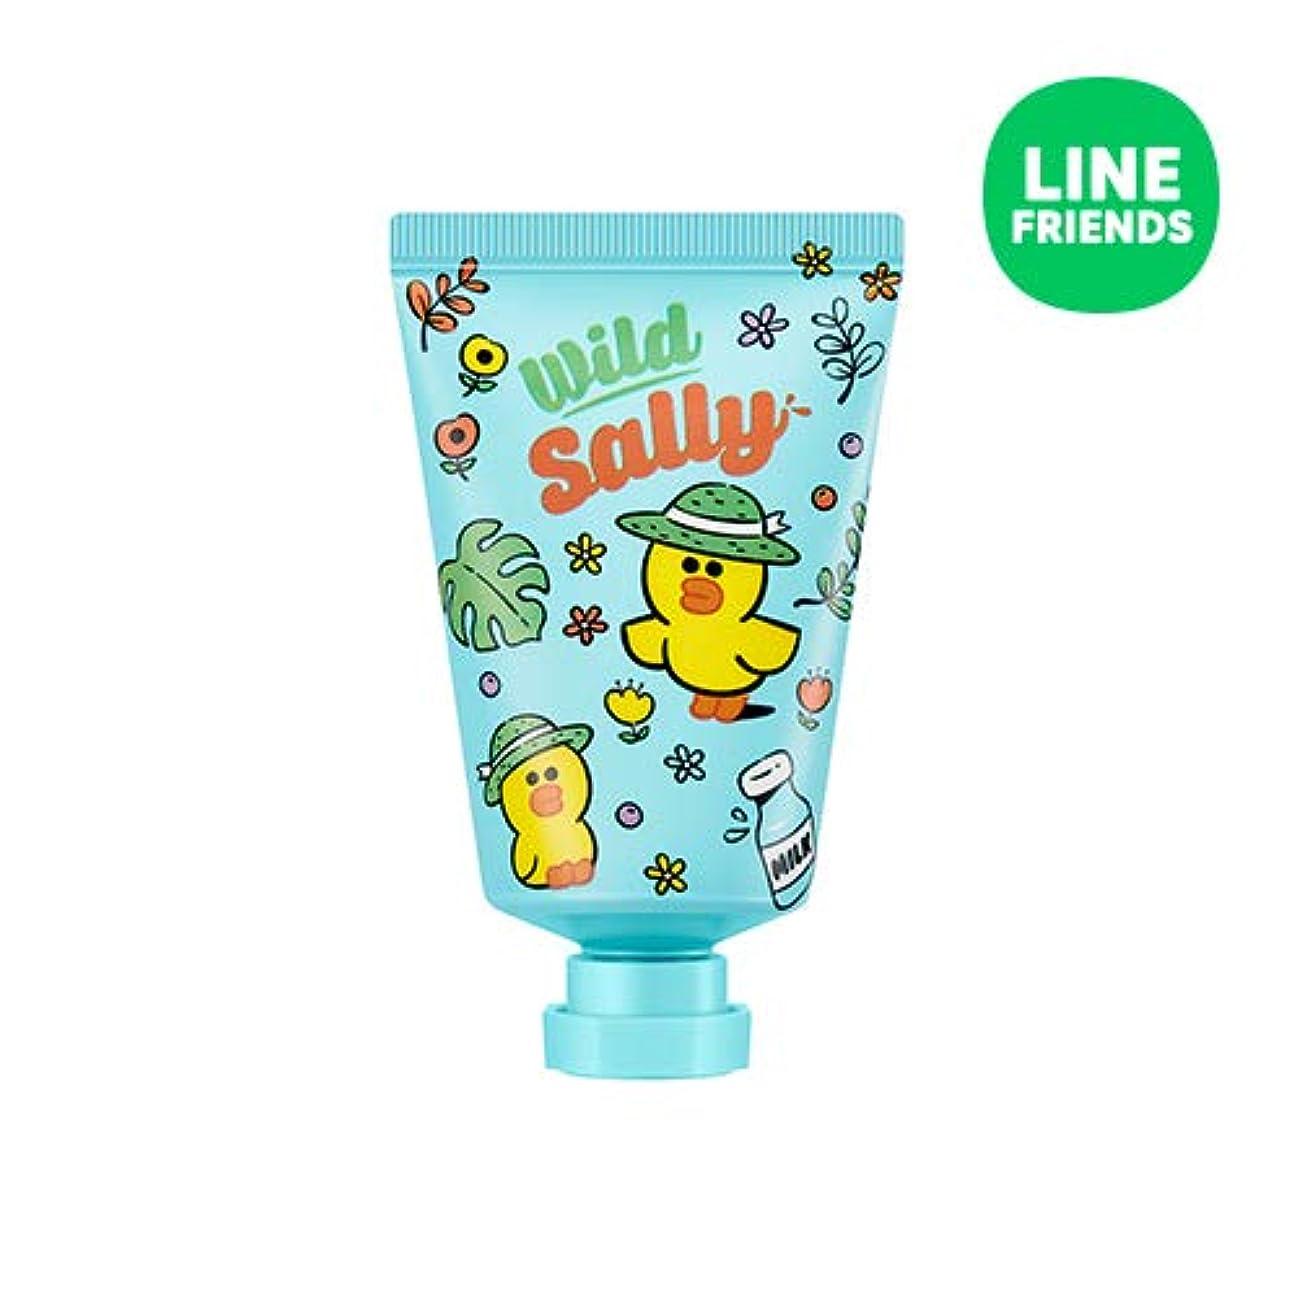 脆い専門知識むき出しミシャ(ラインフレンズ)ラブシークレットハンドクリーム 30ml MISSHA [Line Friends Edition] Love Secret Hand Cream - Sally # Cotton White [...